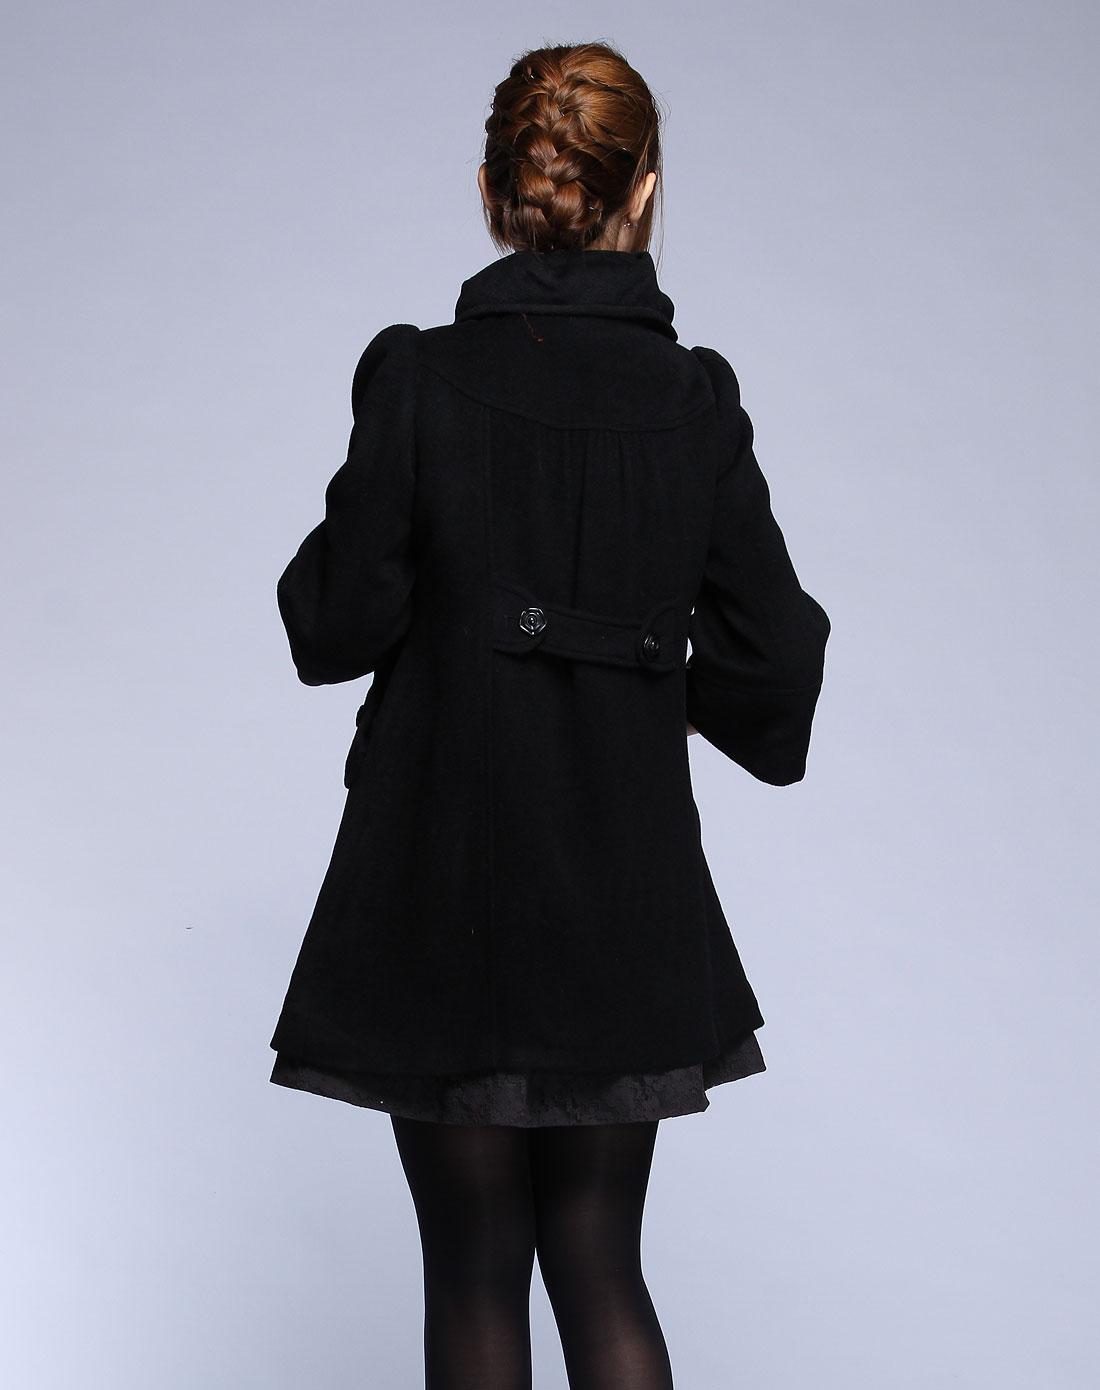 卡莎布兰卡casablank黑色毛呢七分袖大衣c1180809888